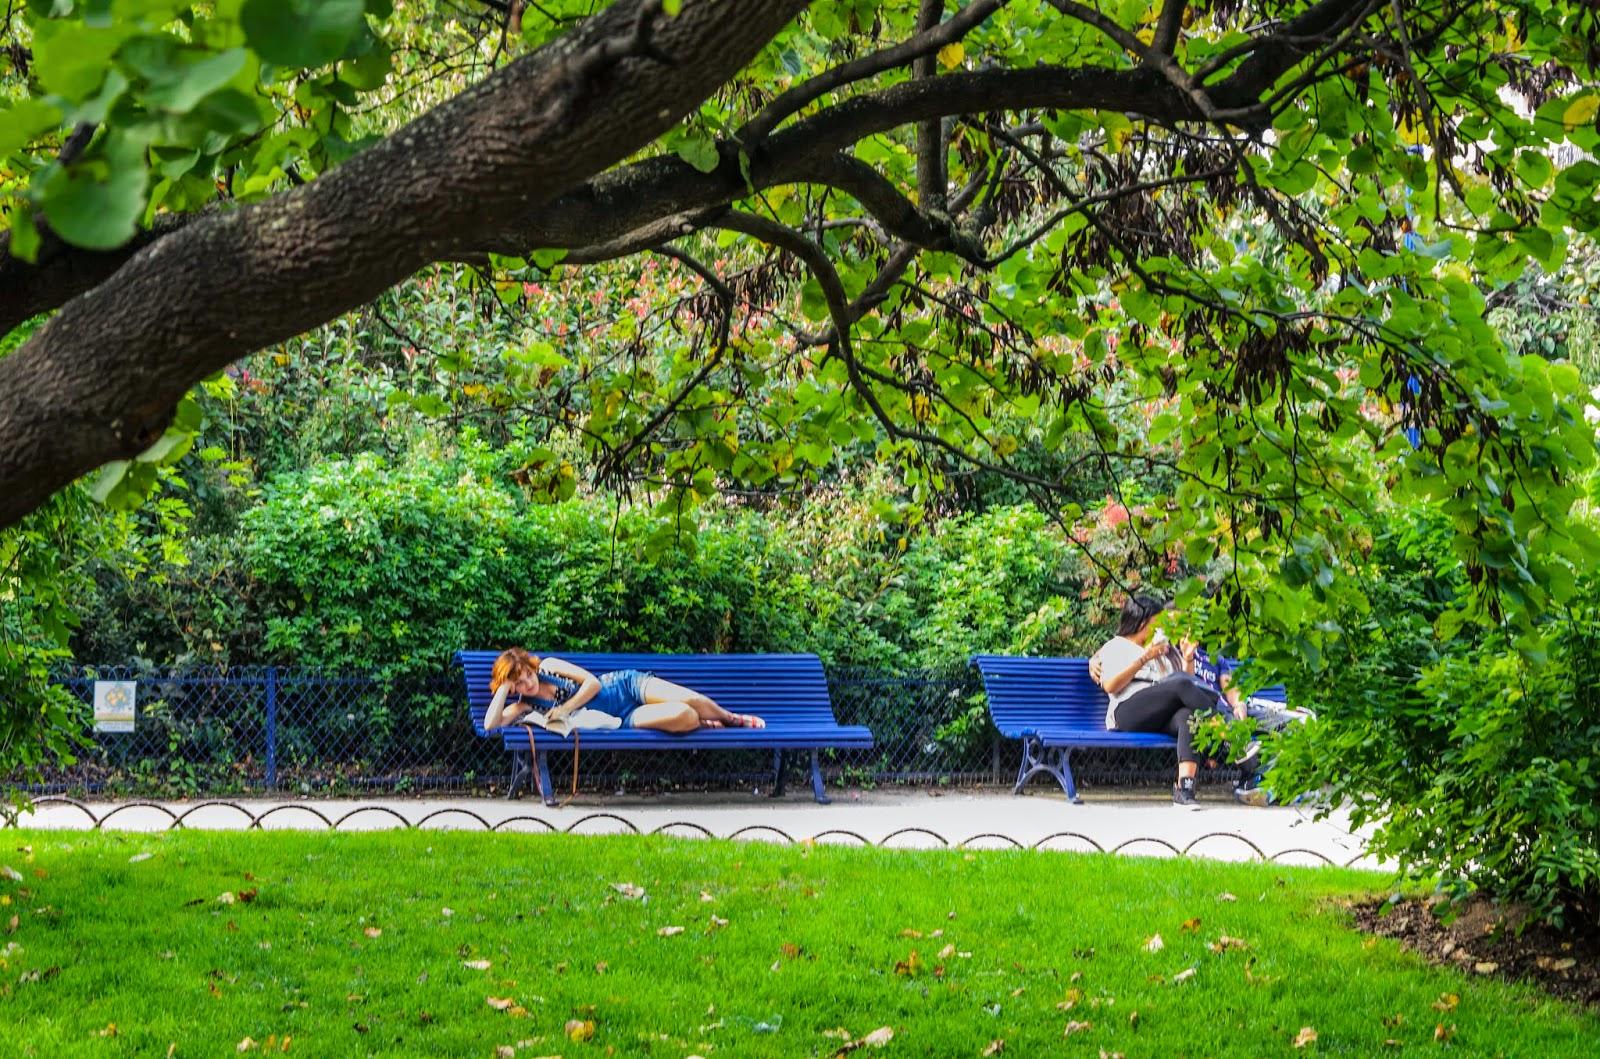 fotografia de mulher lendo deitada no banco da praça.